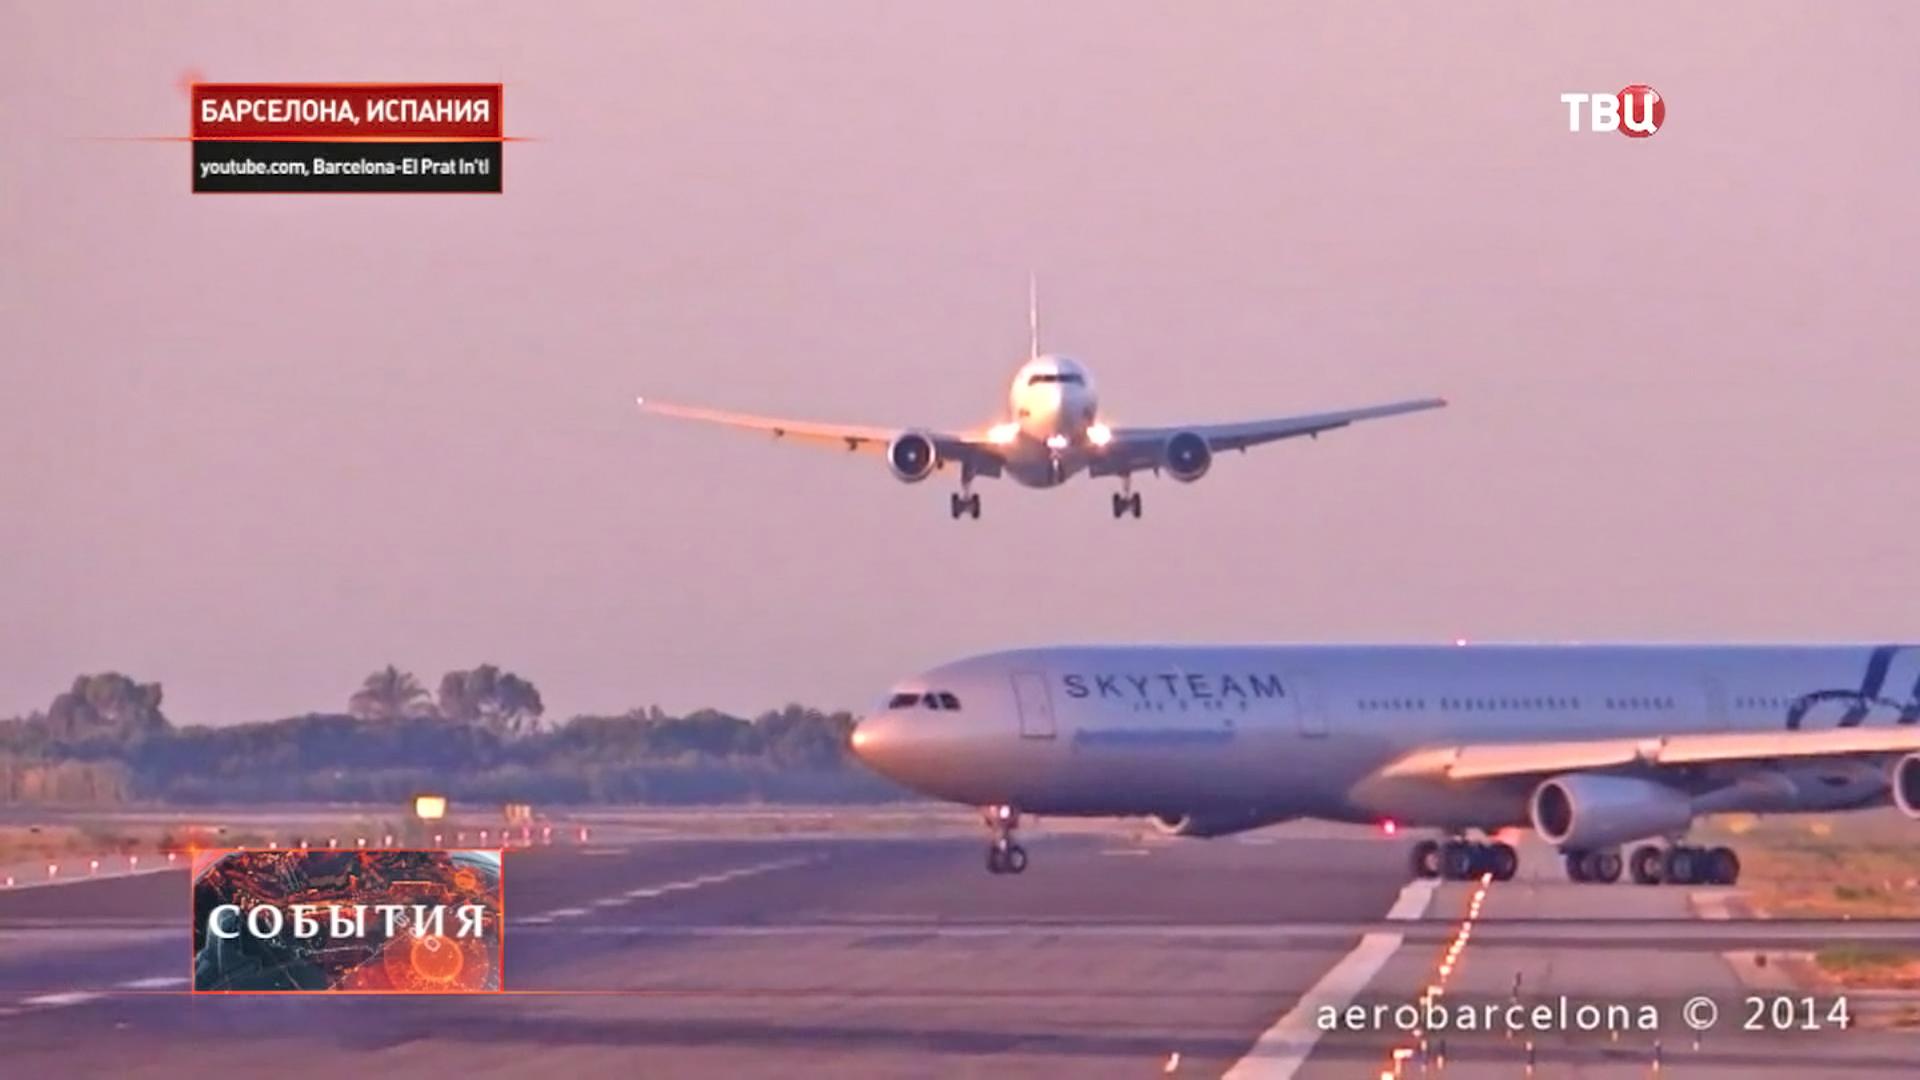 Взлетно-посадочная полоса аэропорта Барселоны